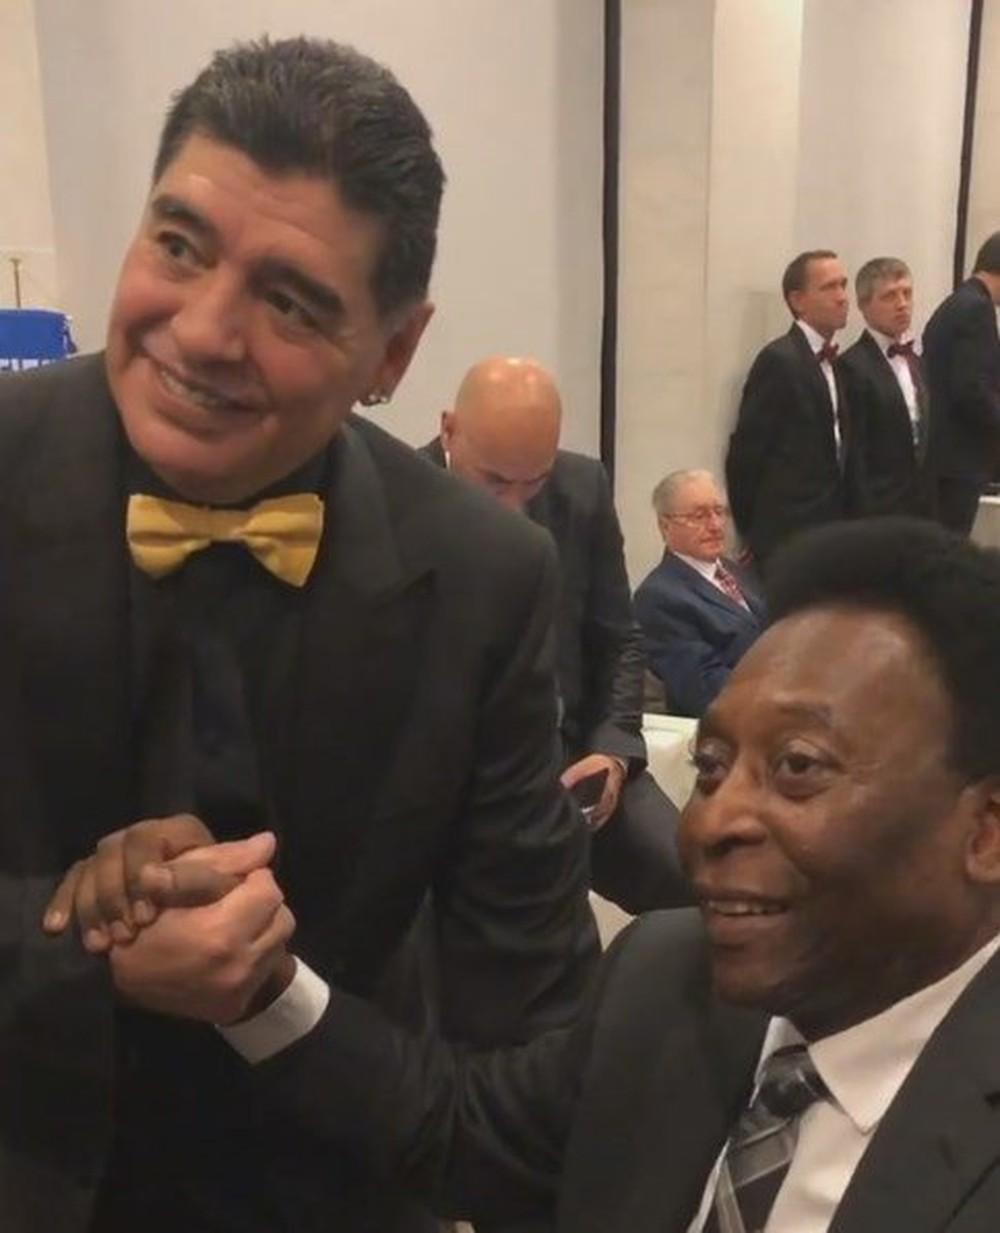 Ídolos de Brasil e Argentina, Pelé cumprimenta Maradona em Moscou (Foto: Reprodução / Twitter)